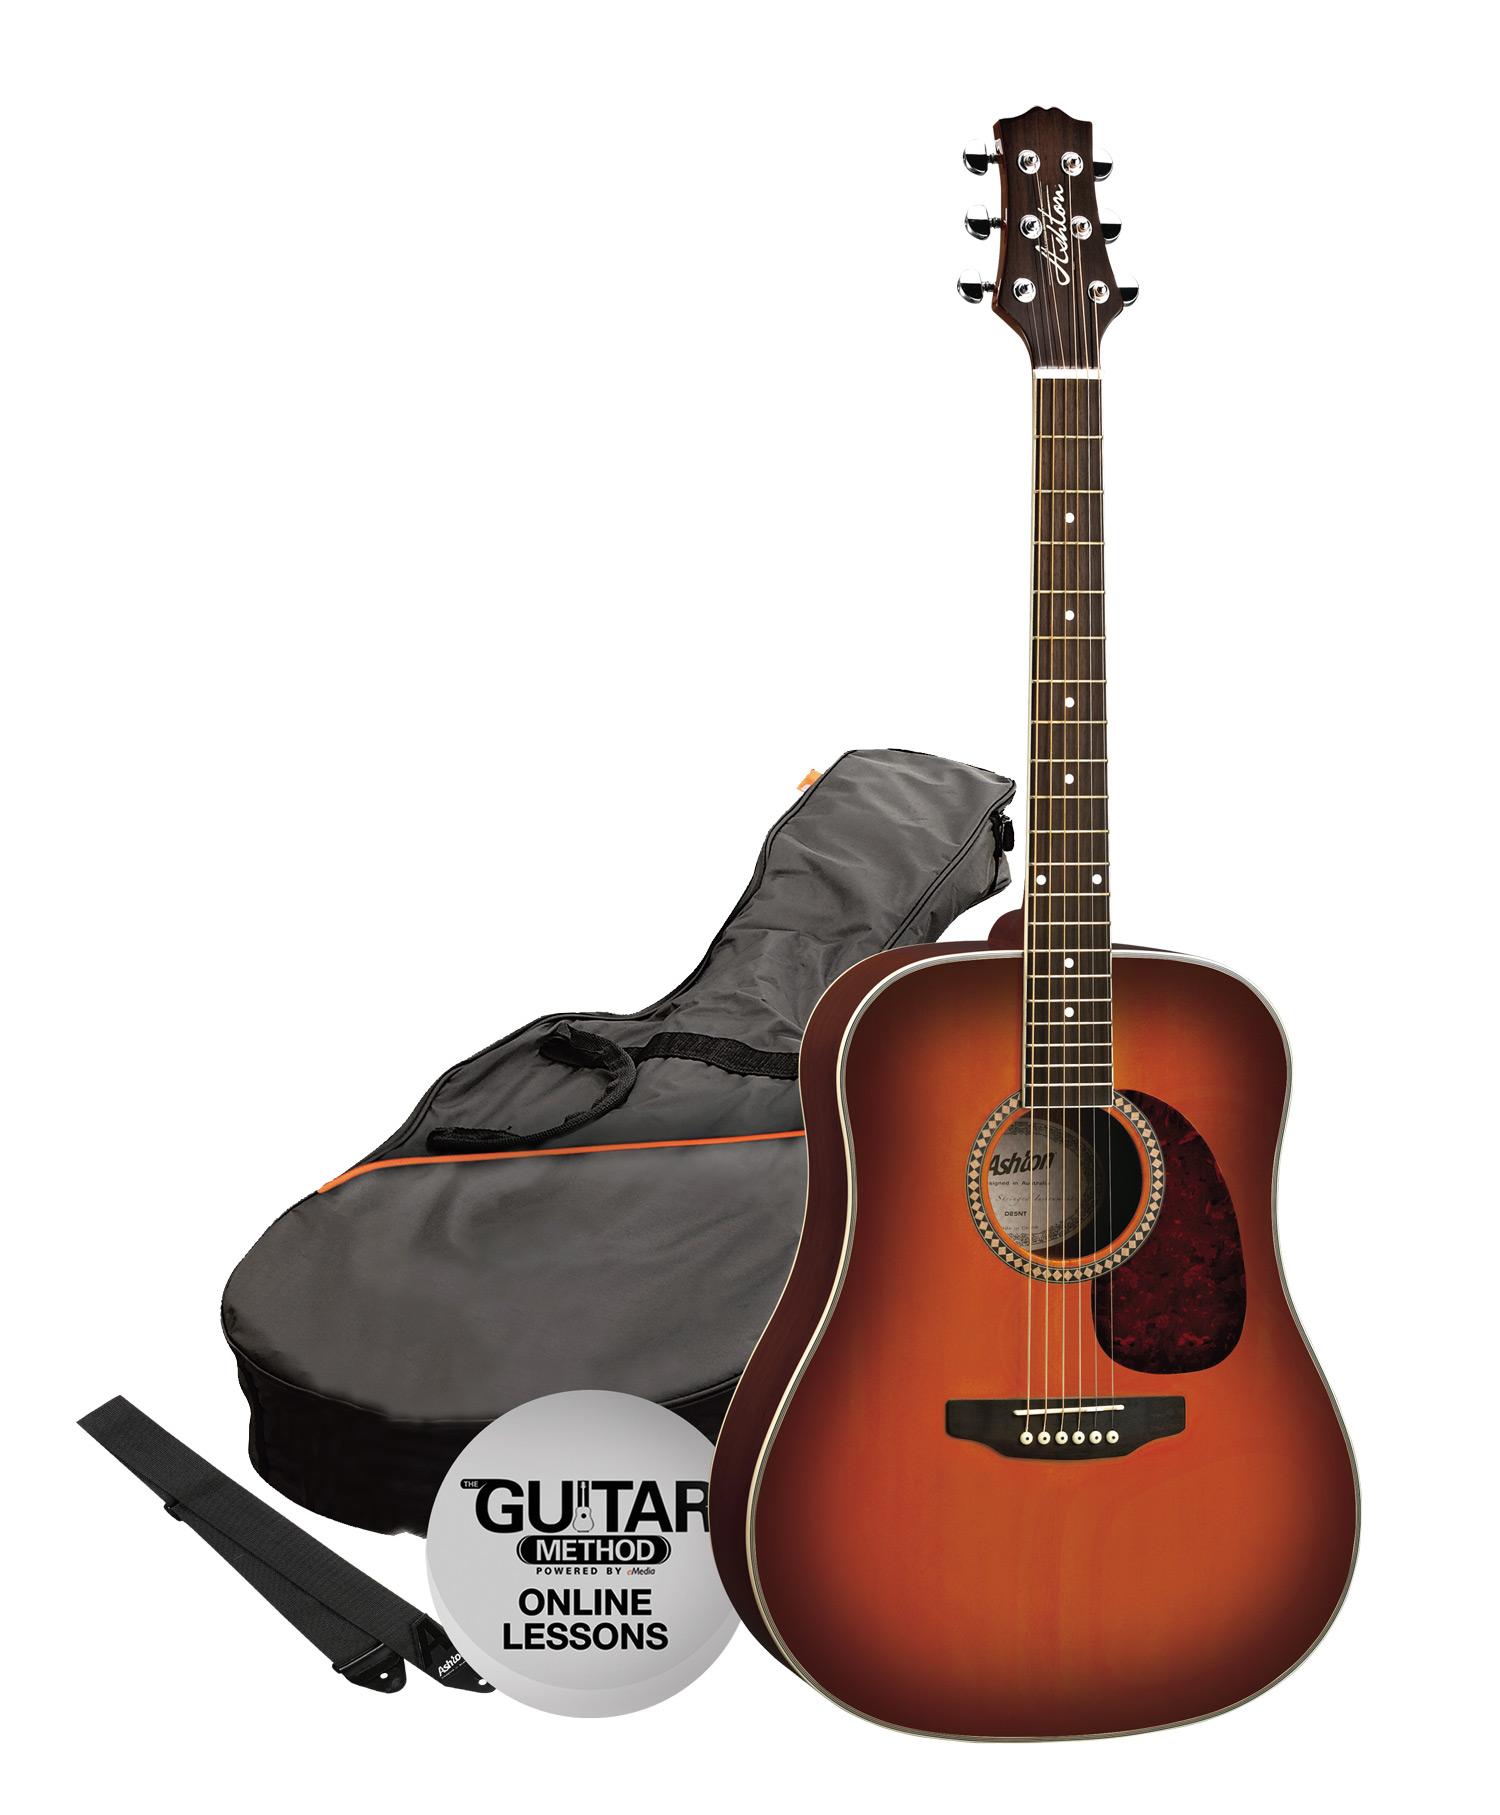 Musicworks Guitars Acoustic Guitar Packs Acoustic Guitar Pack